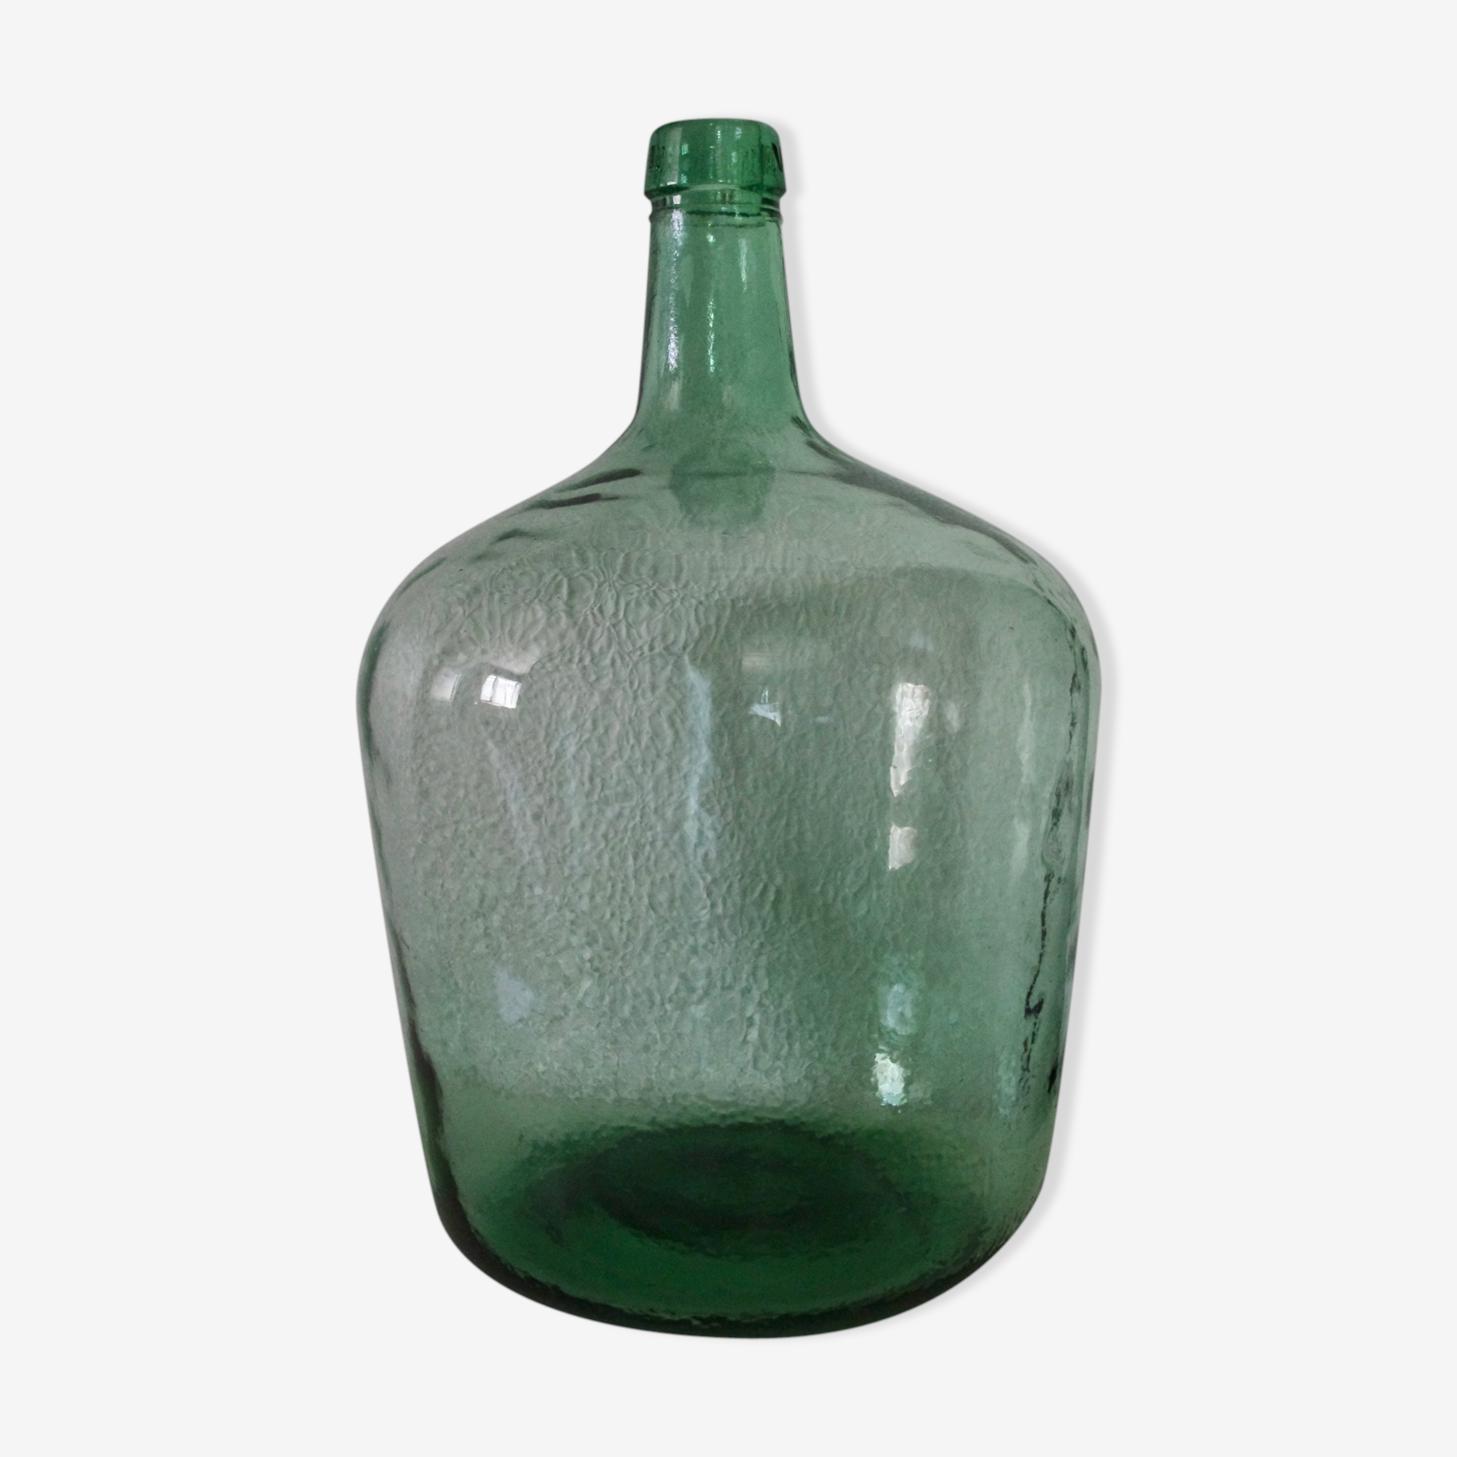 Bottle green Viresa 10 litres